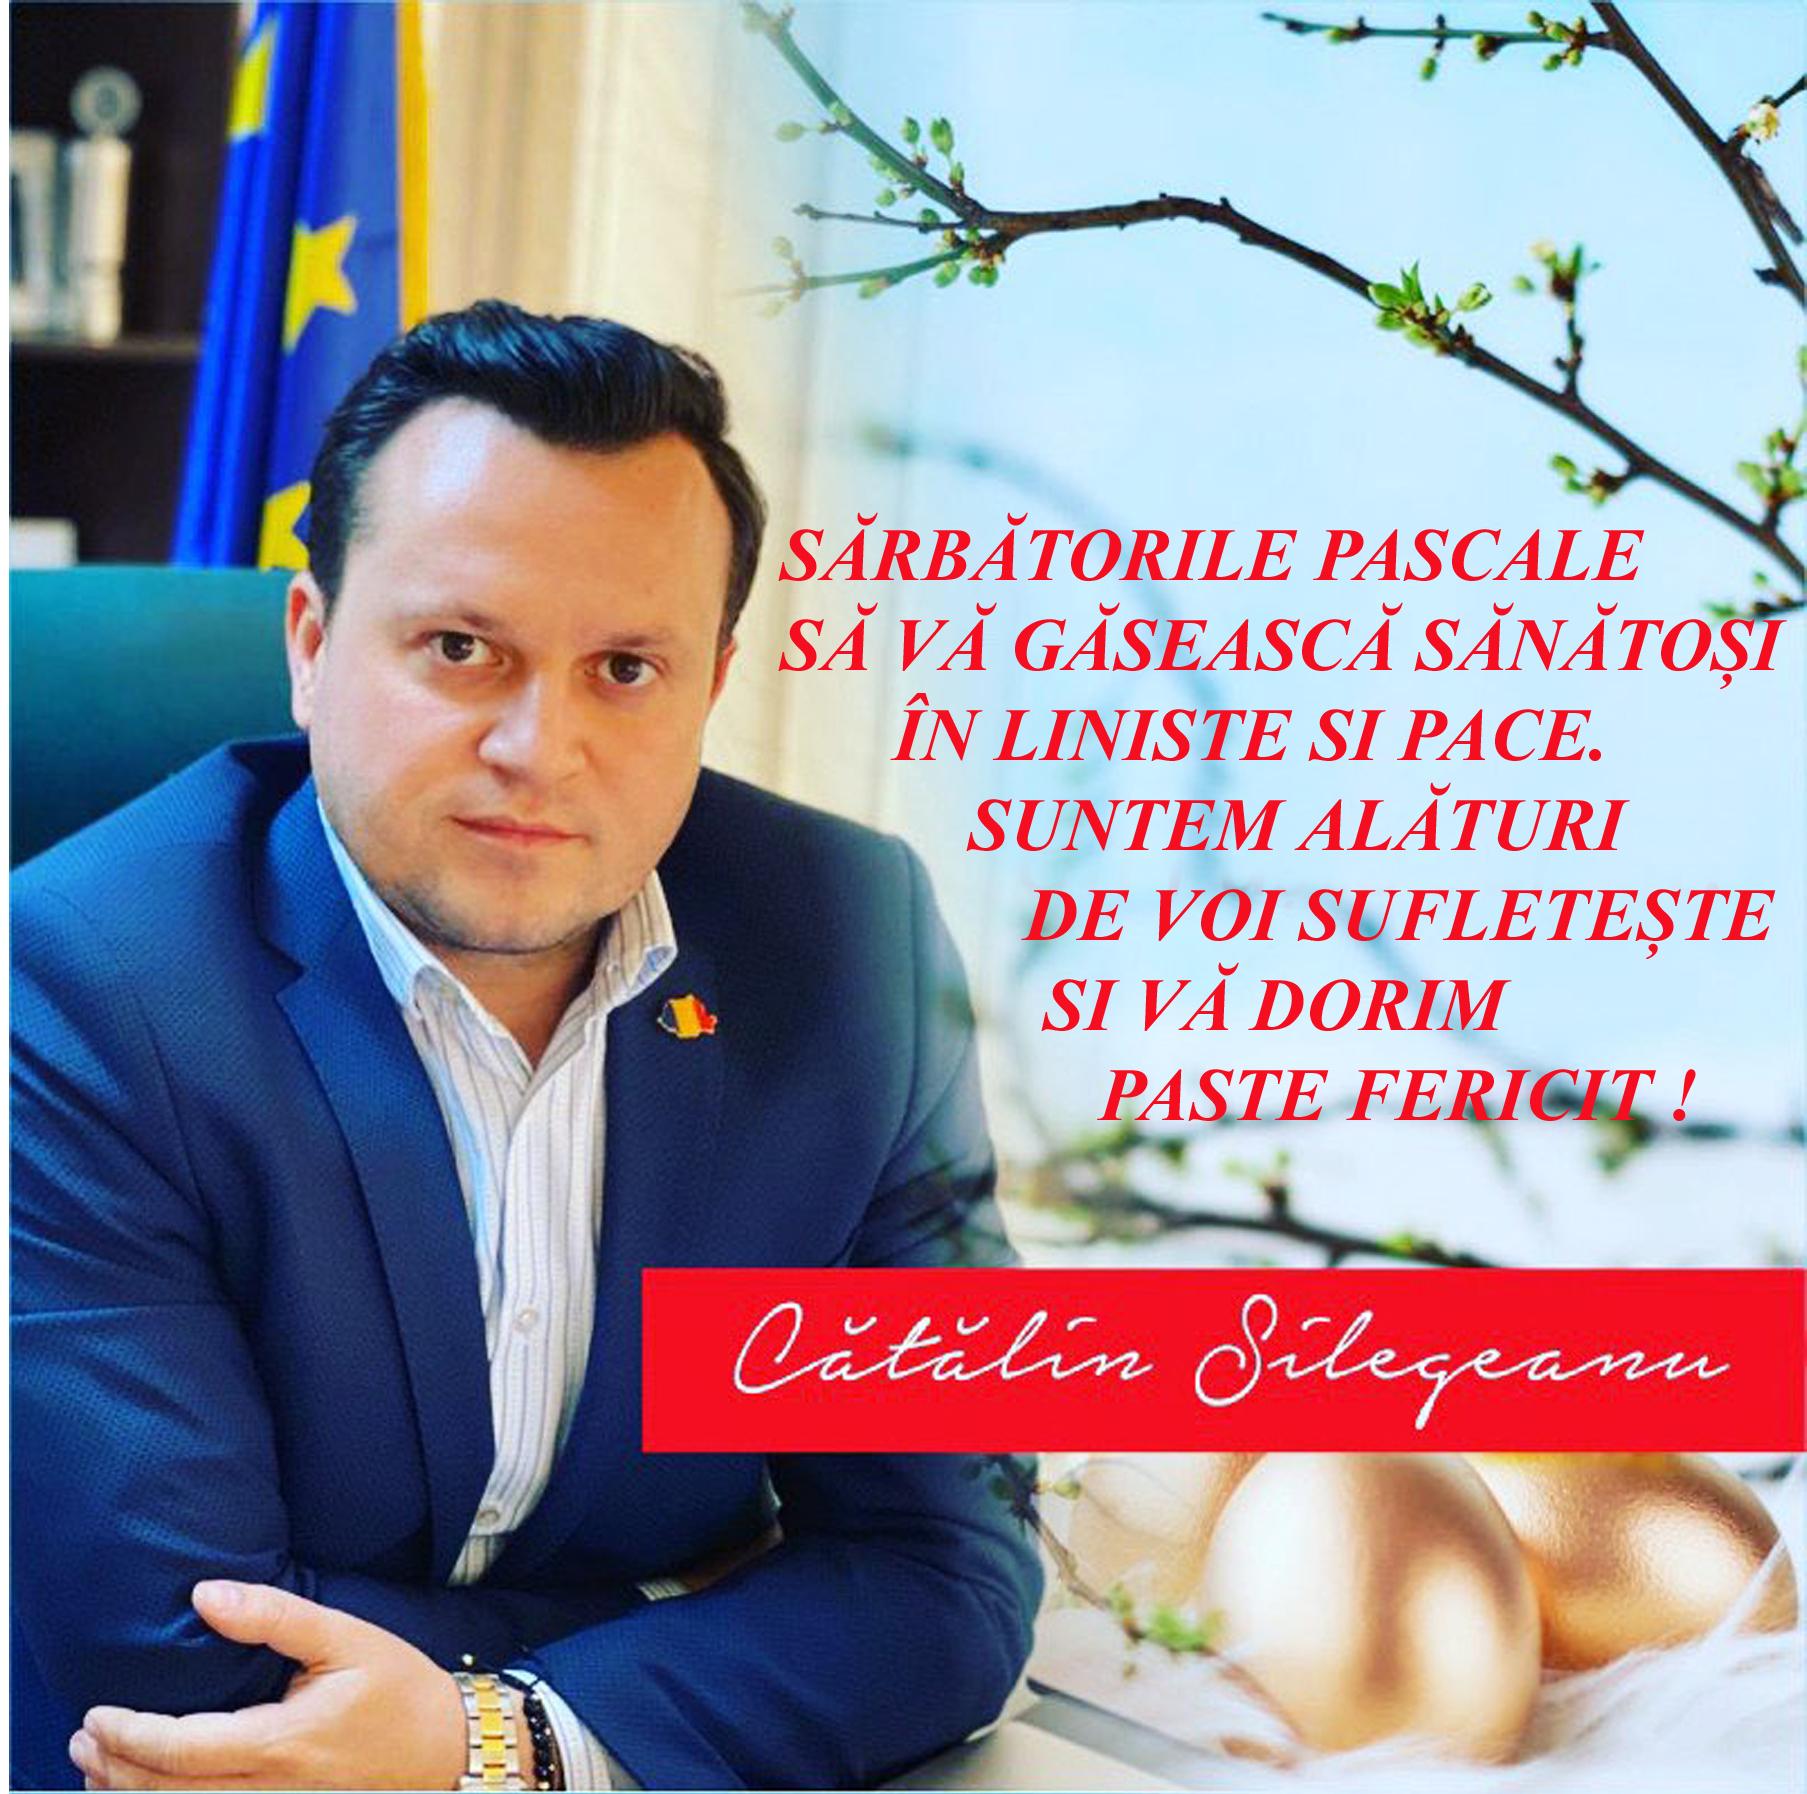 Cătălin Silegeanu - mesaj de Sărbători 24